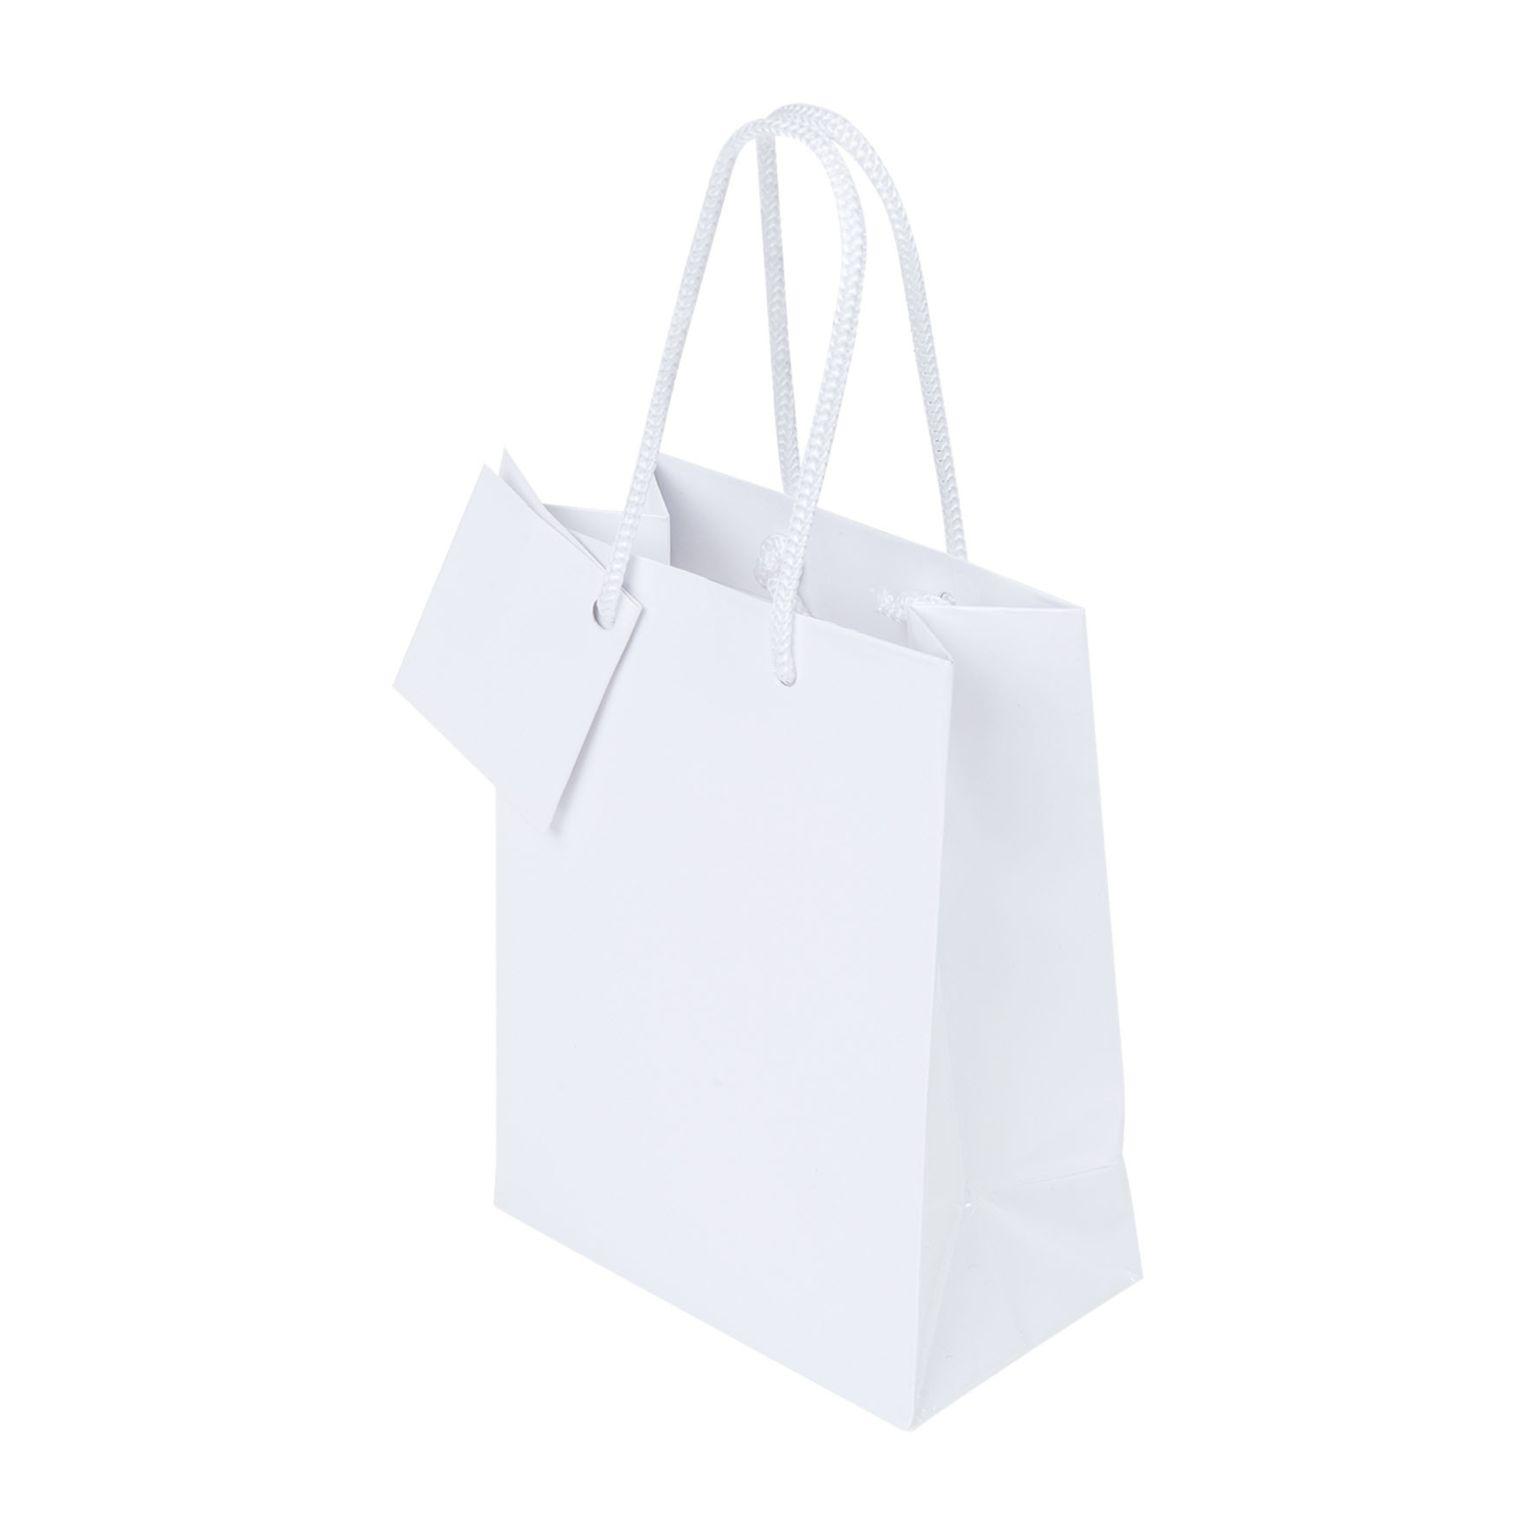 Sac luxe 11,4x14.6x6,4 cm